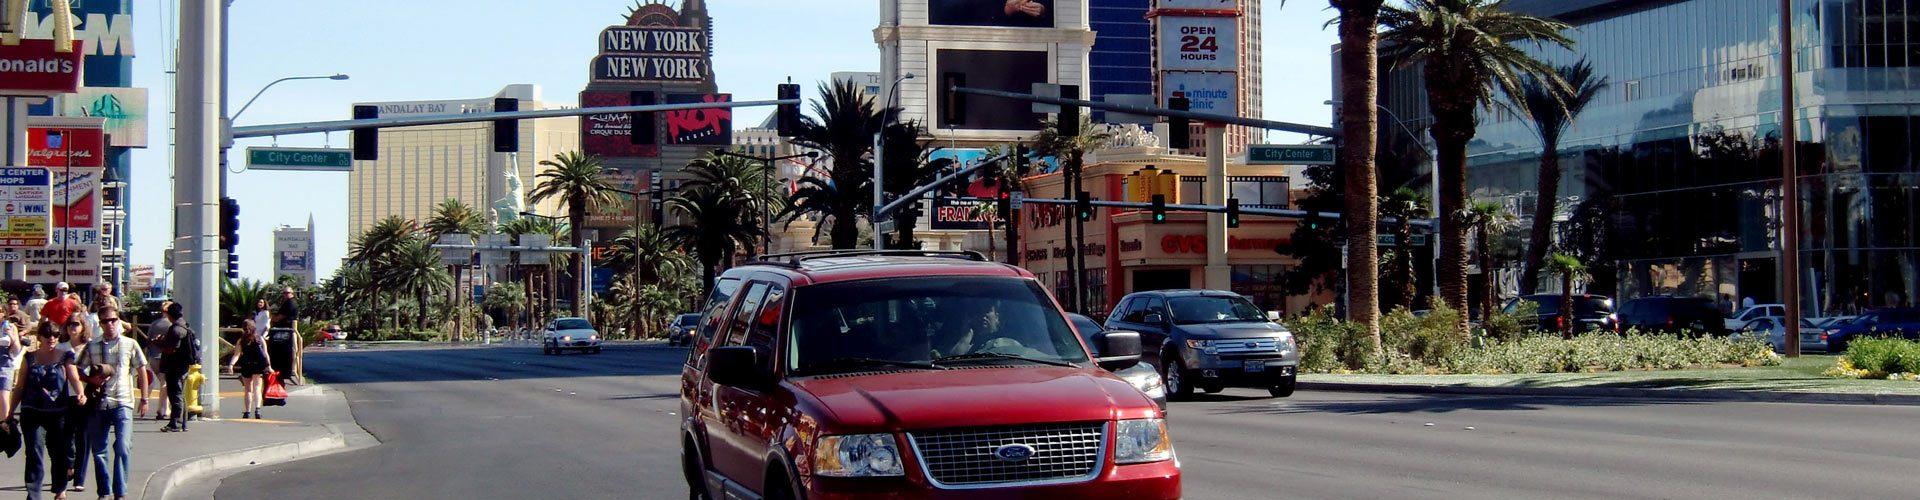 Mit dem Aut am Las Vegas Strip, Nevada